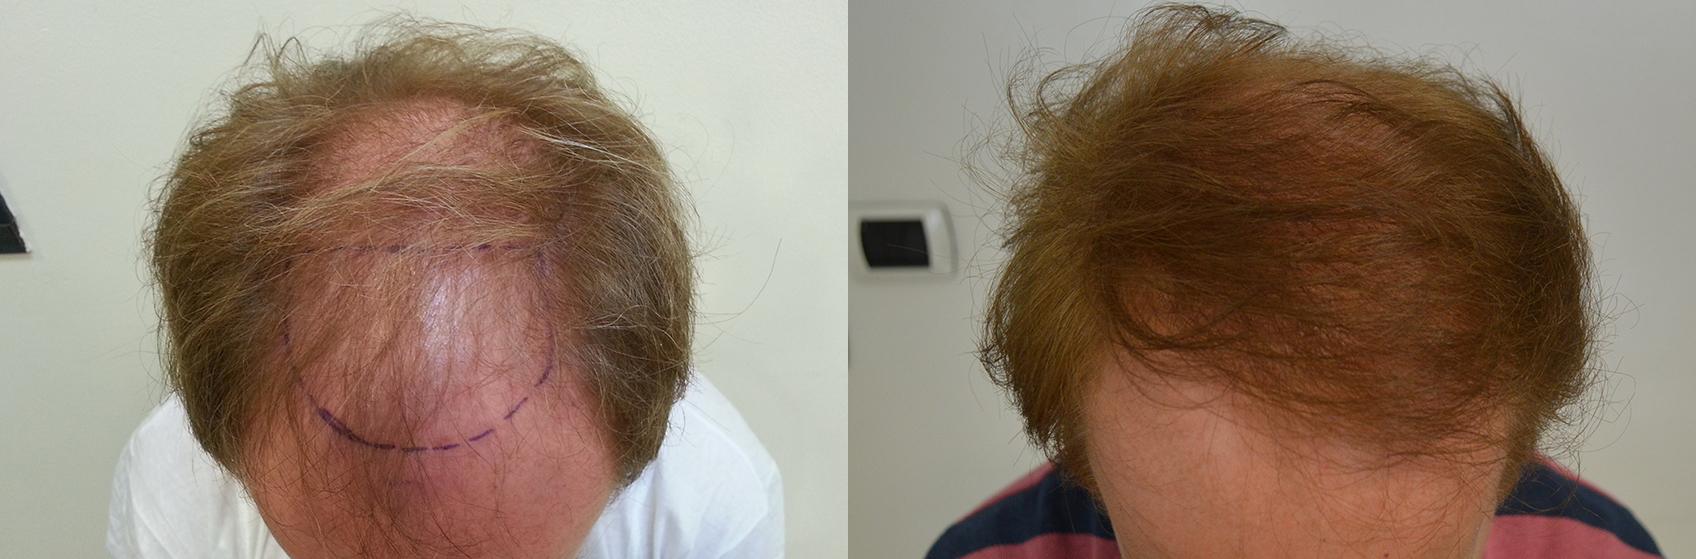 calvizie trapianto capelli avanzata